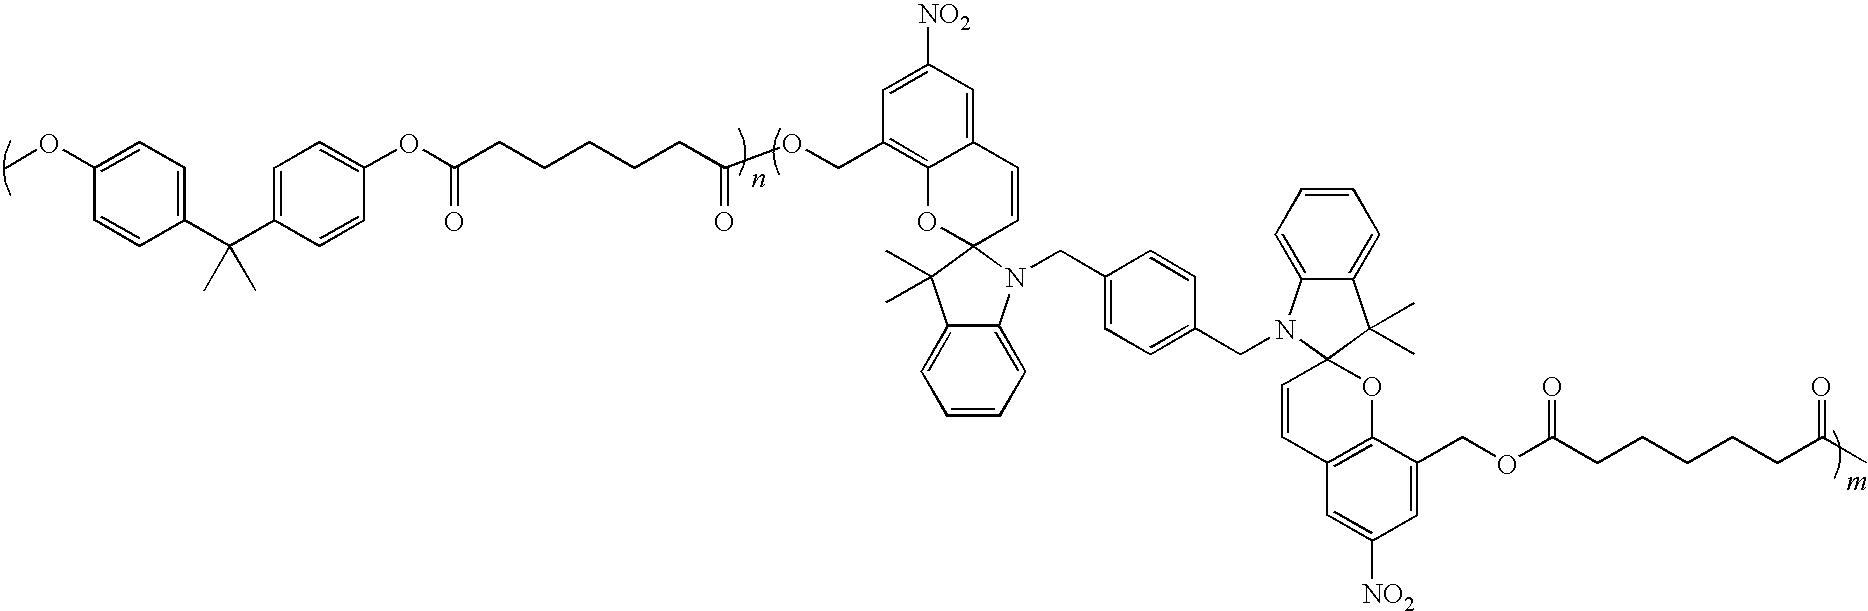 Figure US08216765-20120710-C00002